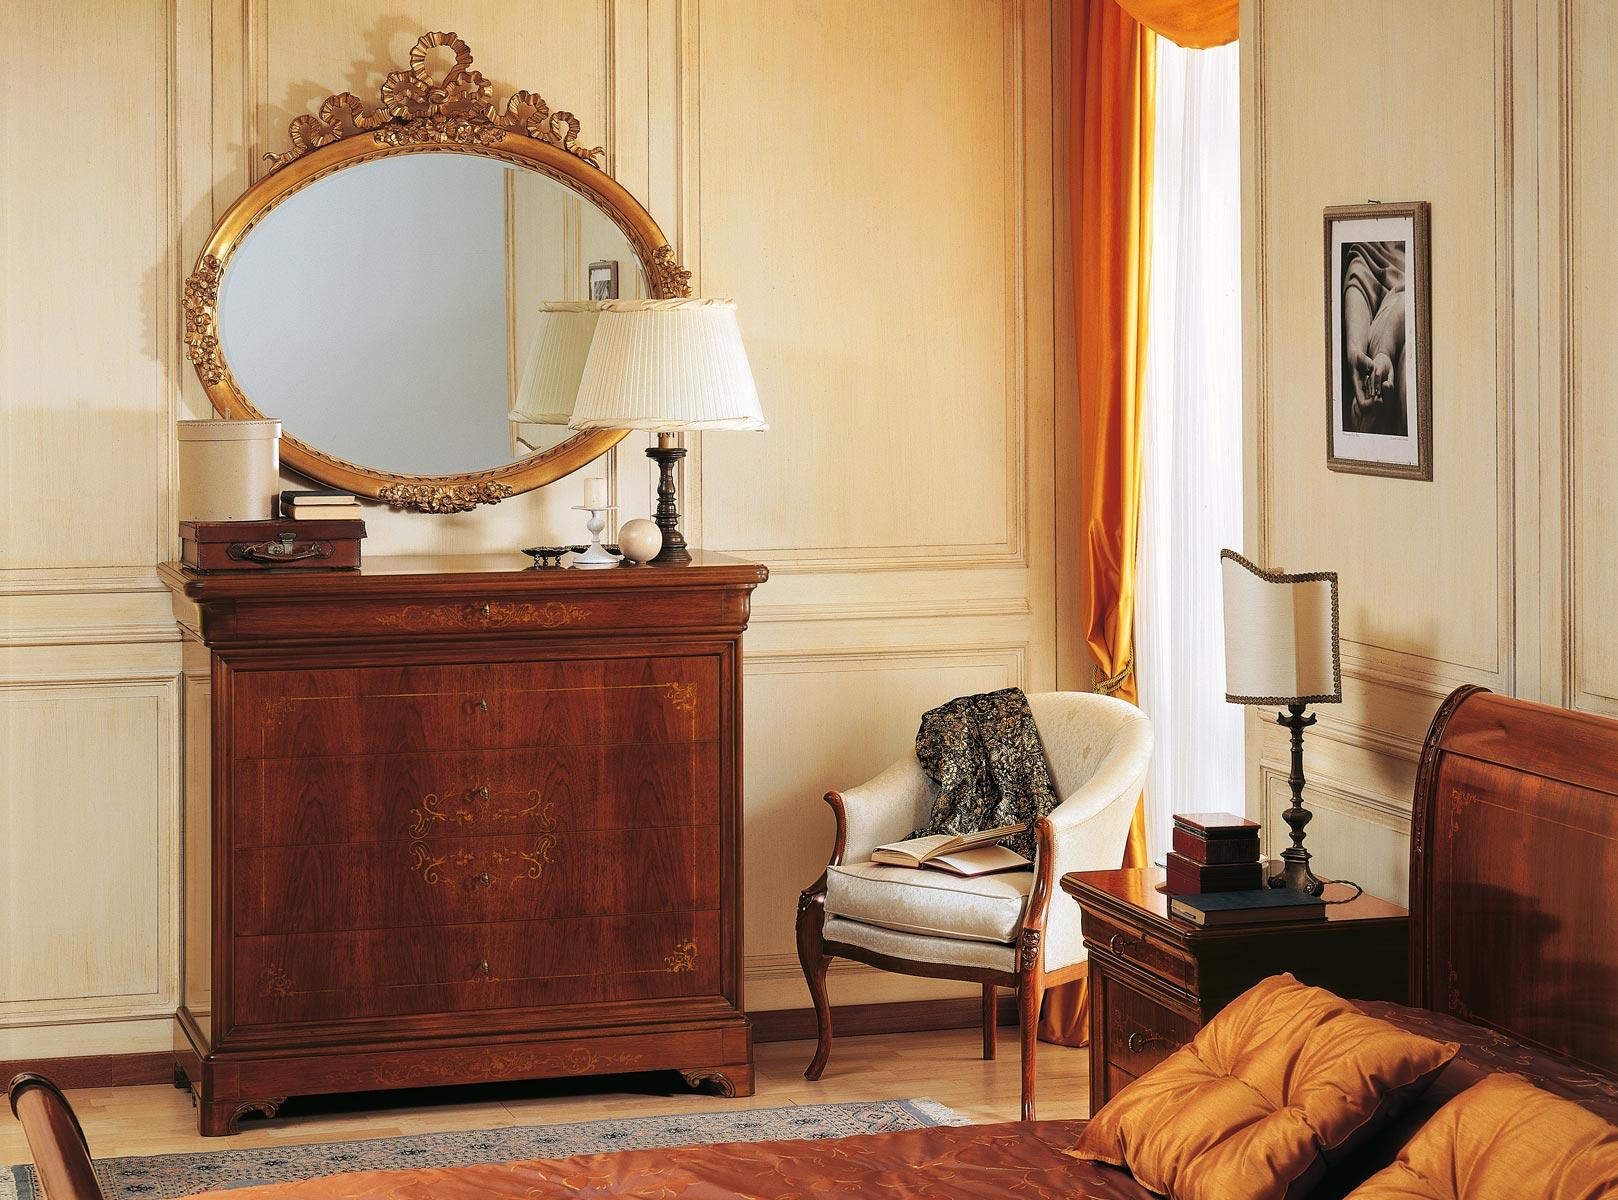 Camera da letto 800 francese com intarsiato e specchiera - Camera da letto in francese ...